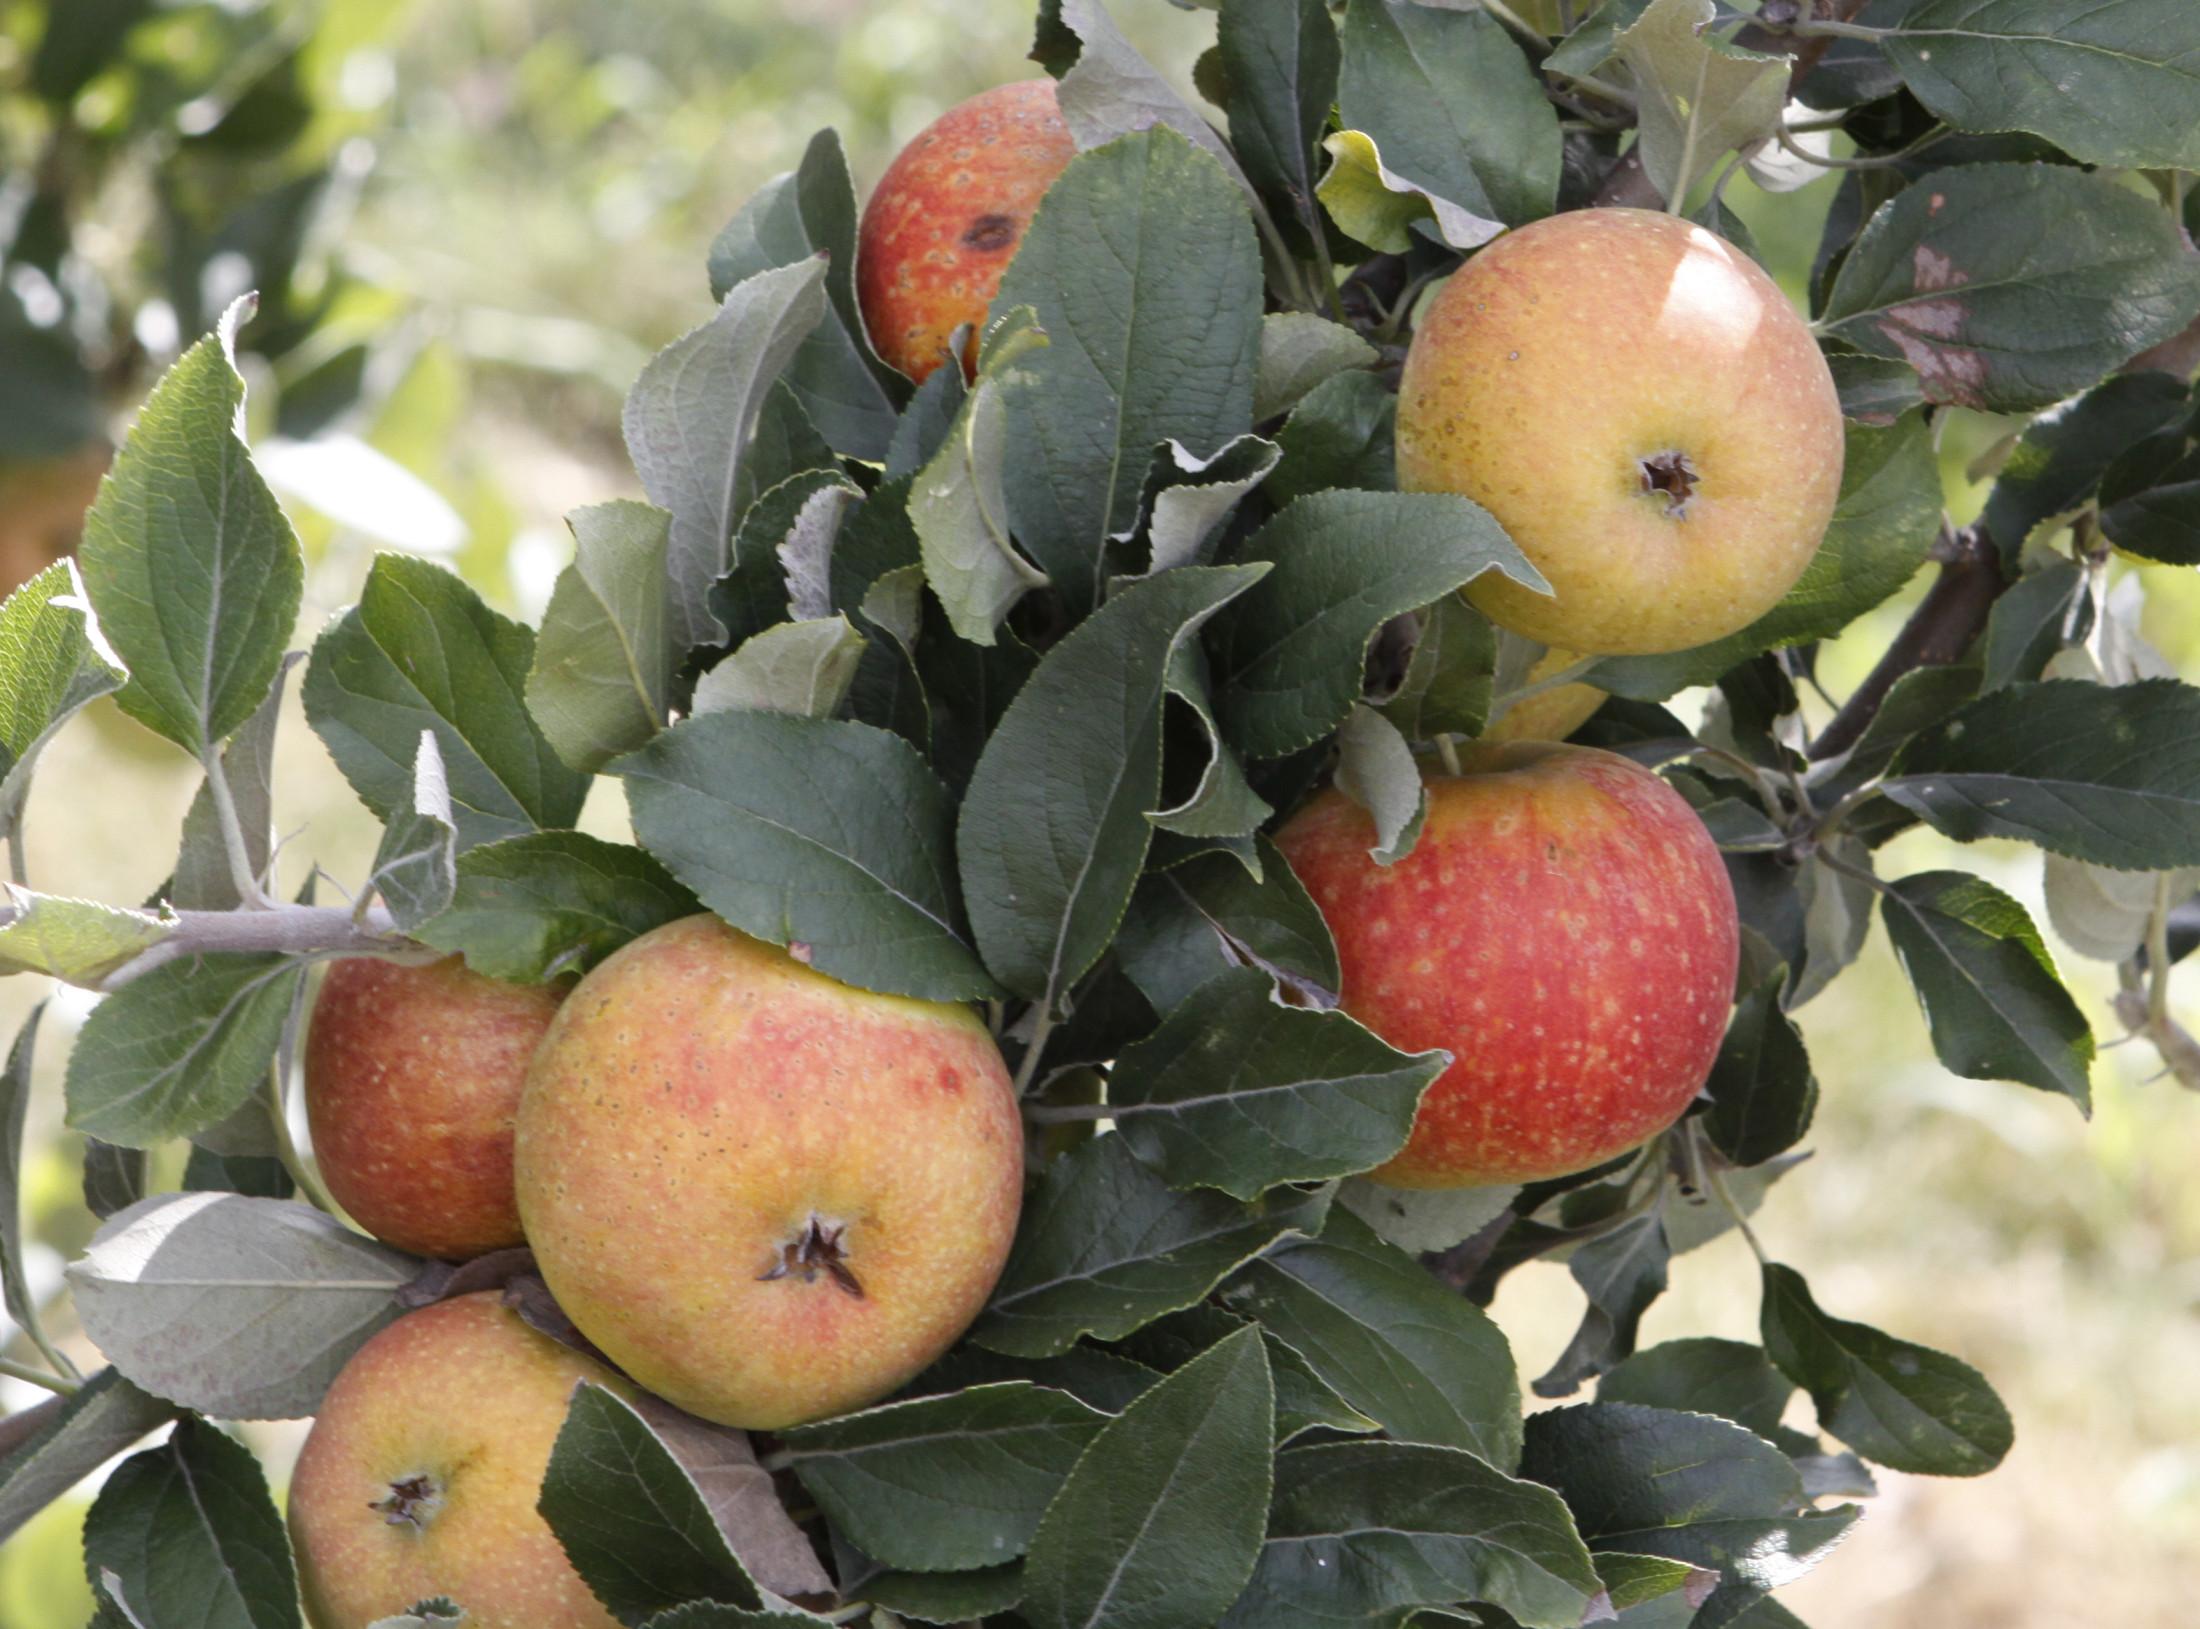 The Apples--Still on Tree